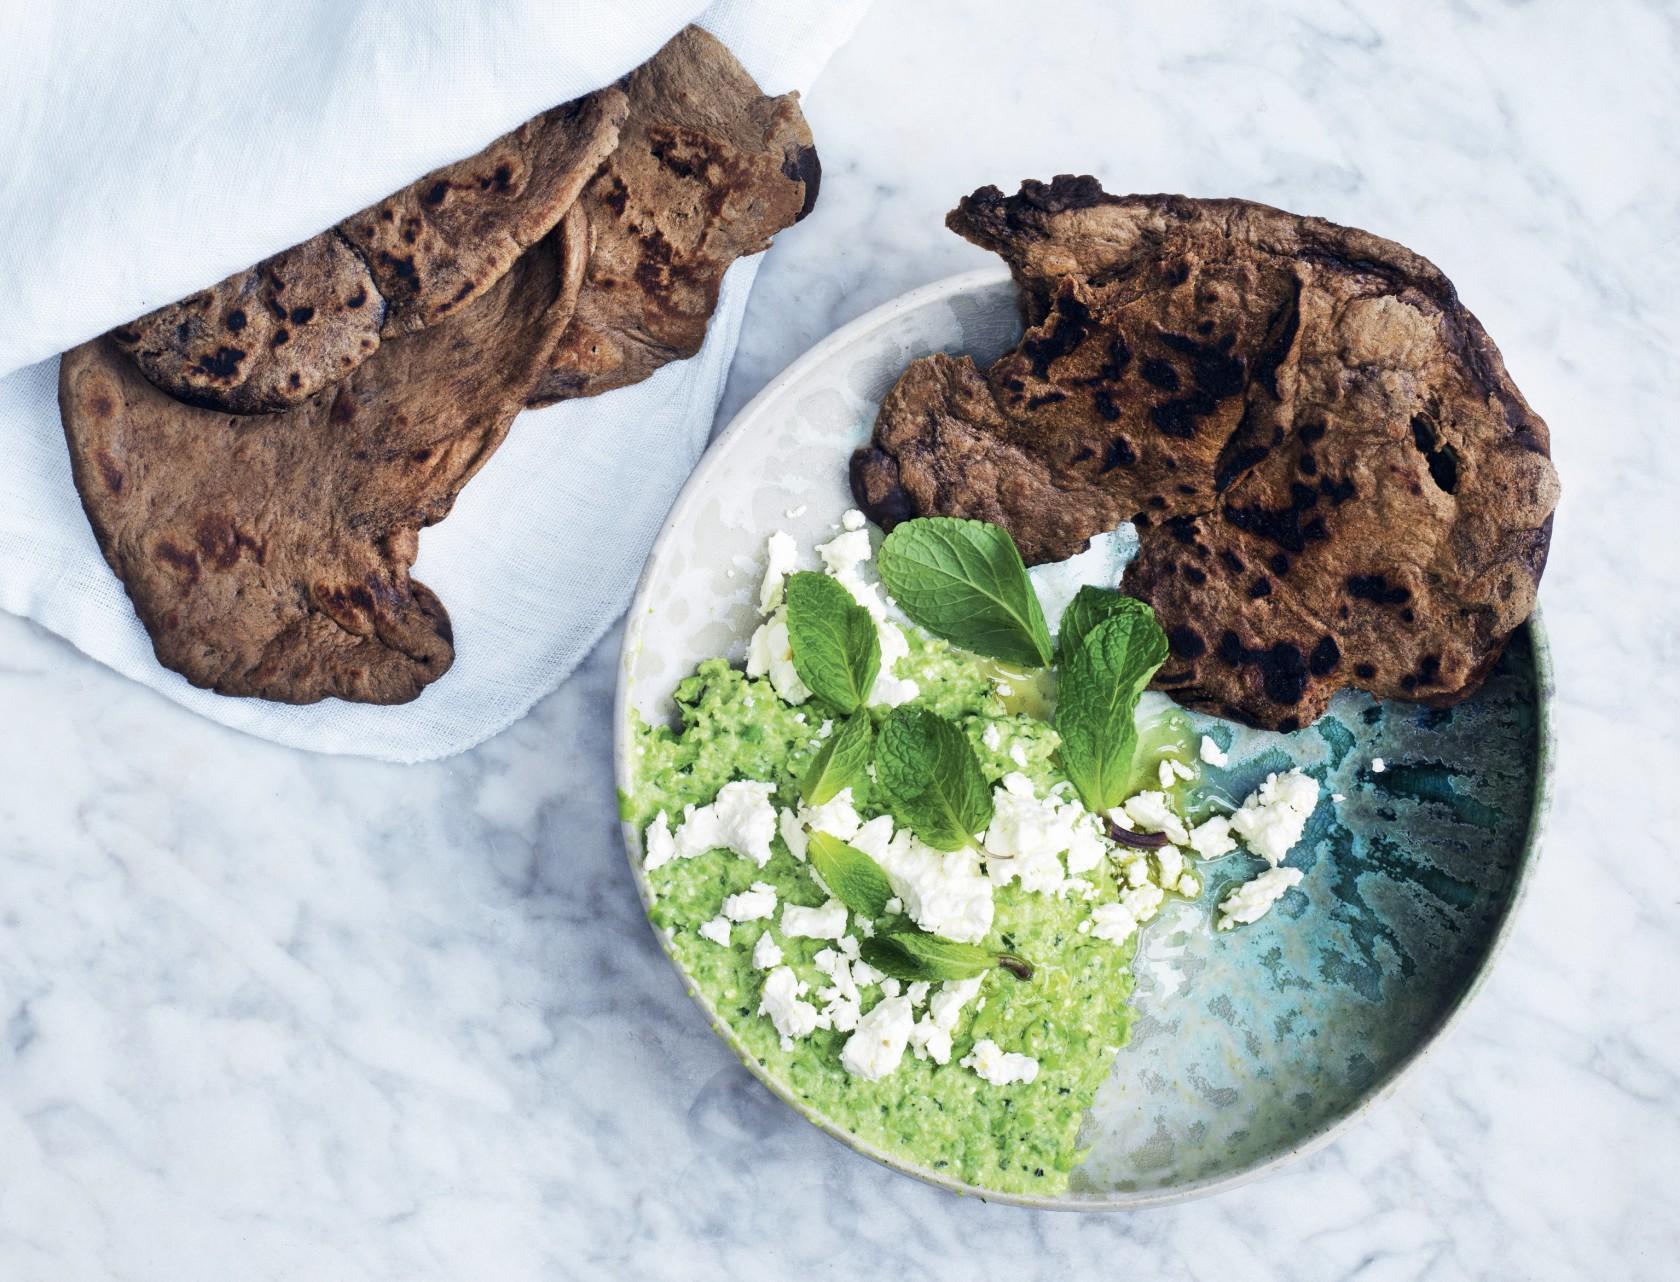 Fladbrød med ærtedip og feta - lækkert tilbehør eller som en lille appetizer.